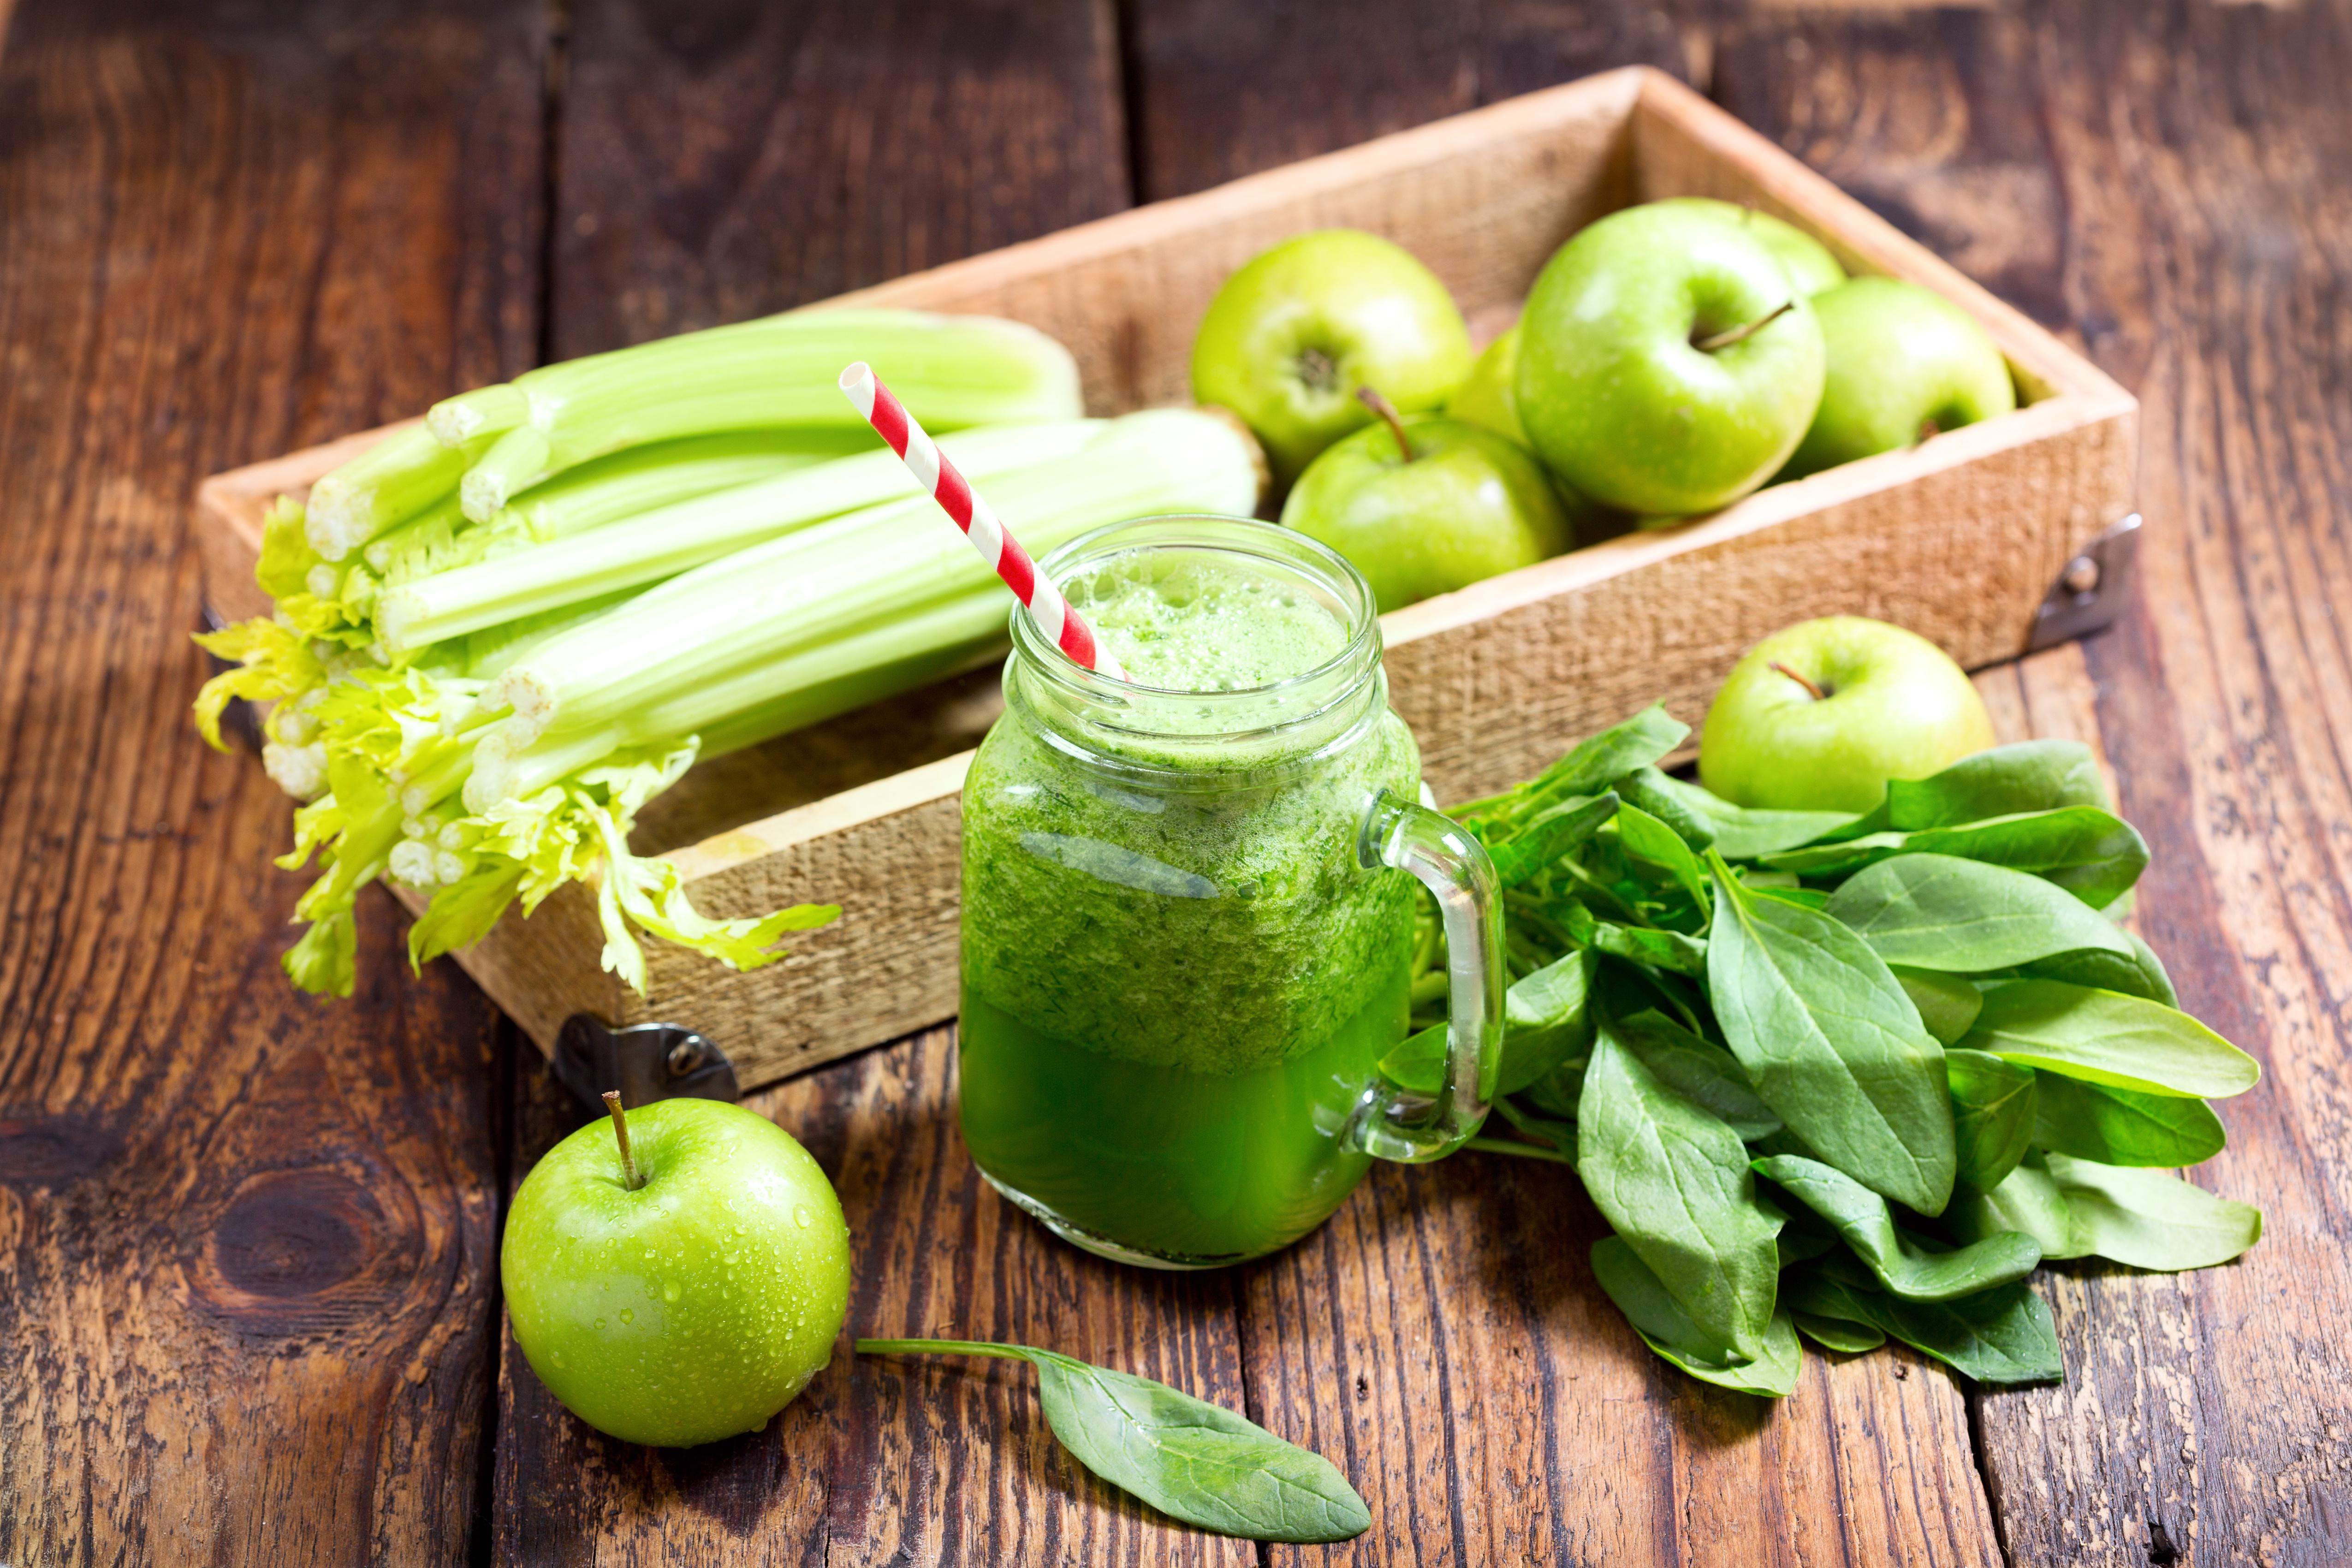 Яблоки С Сельдереем Для Похудения. Полезные свойства сельдерея для похудения. Рецепты диетических блюд для похудения с сельдереем — супов, салатов, сока